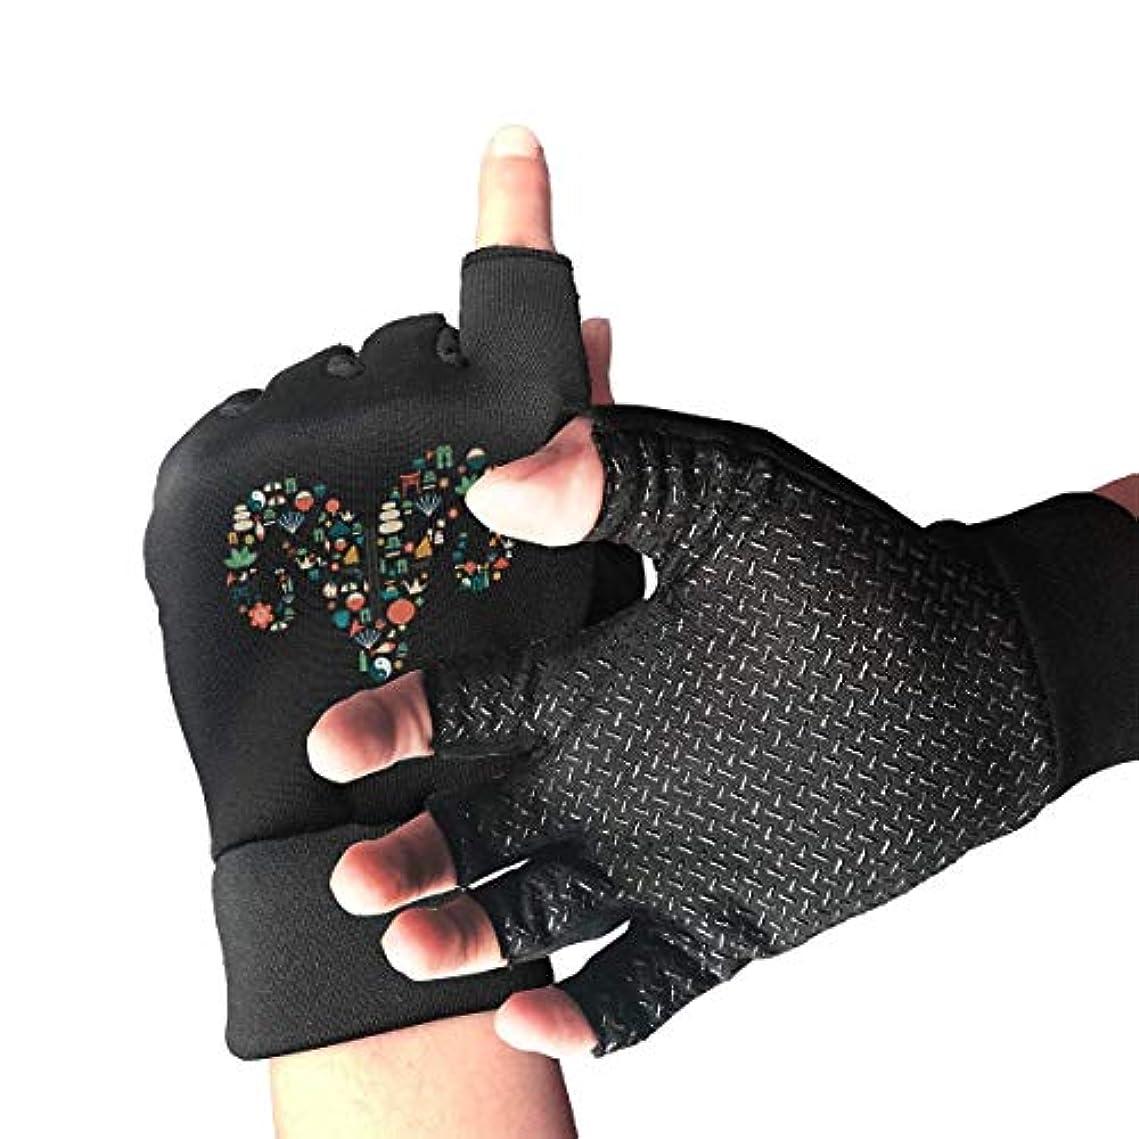 蒸留するスキニーキャンバスCycling Gloves Food Sheep Head Men's/Women's Mountain Bike Gloves Half Finger Anti-Slip Motorcycle Gloves